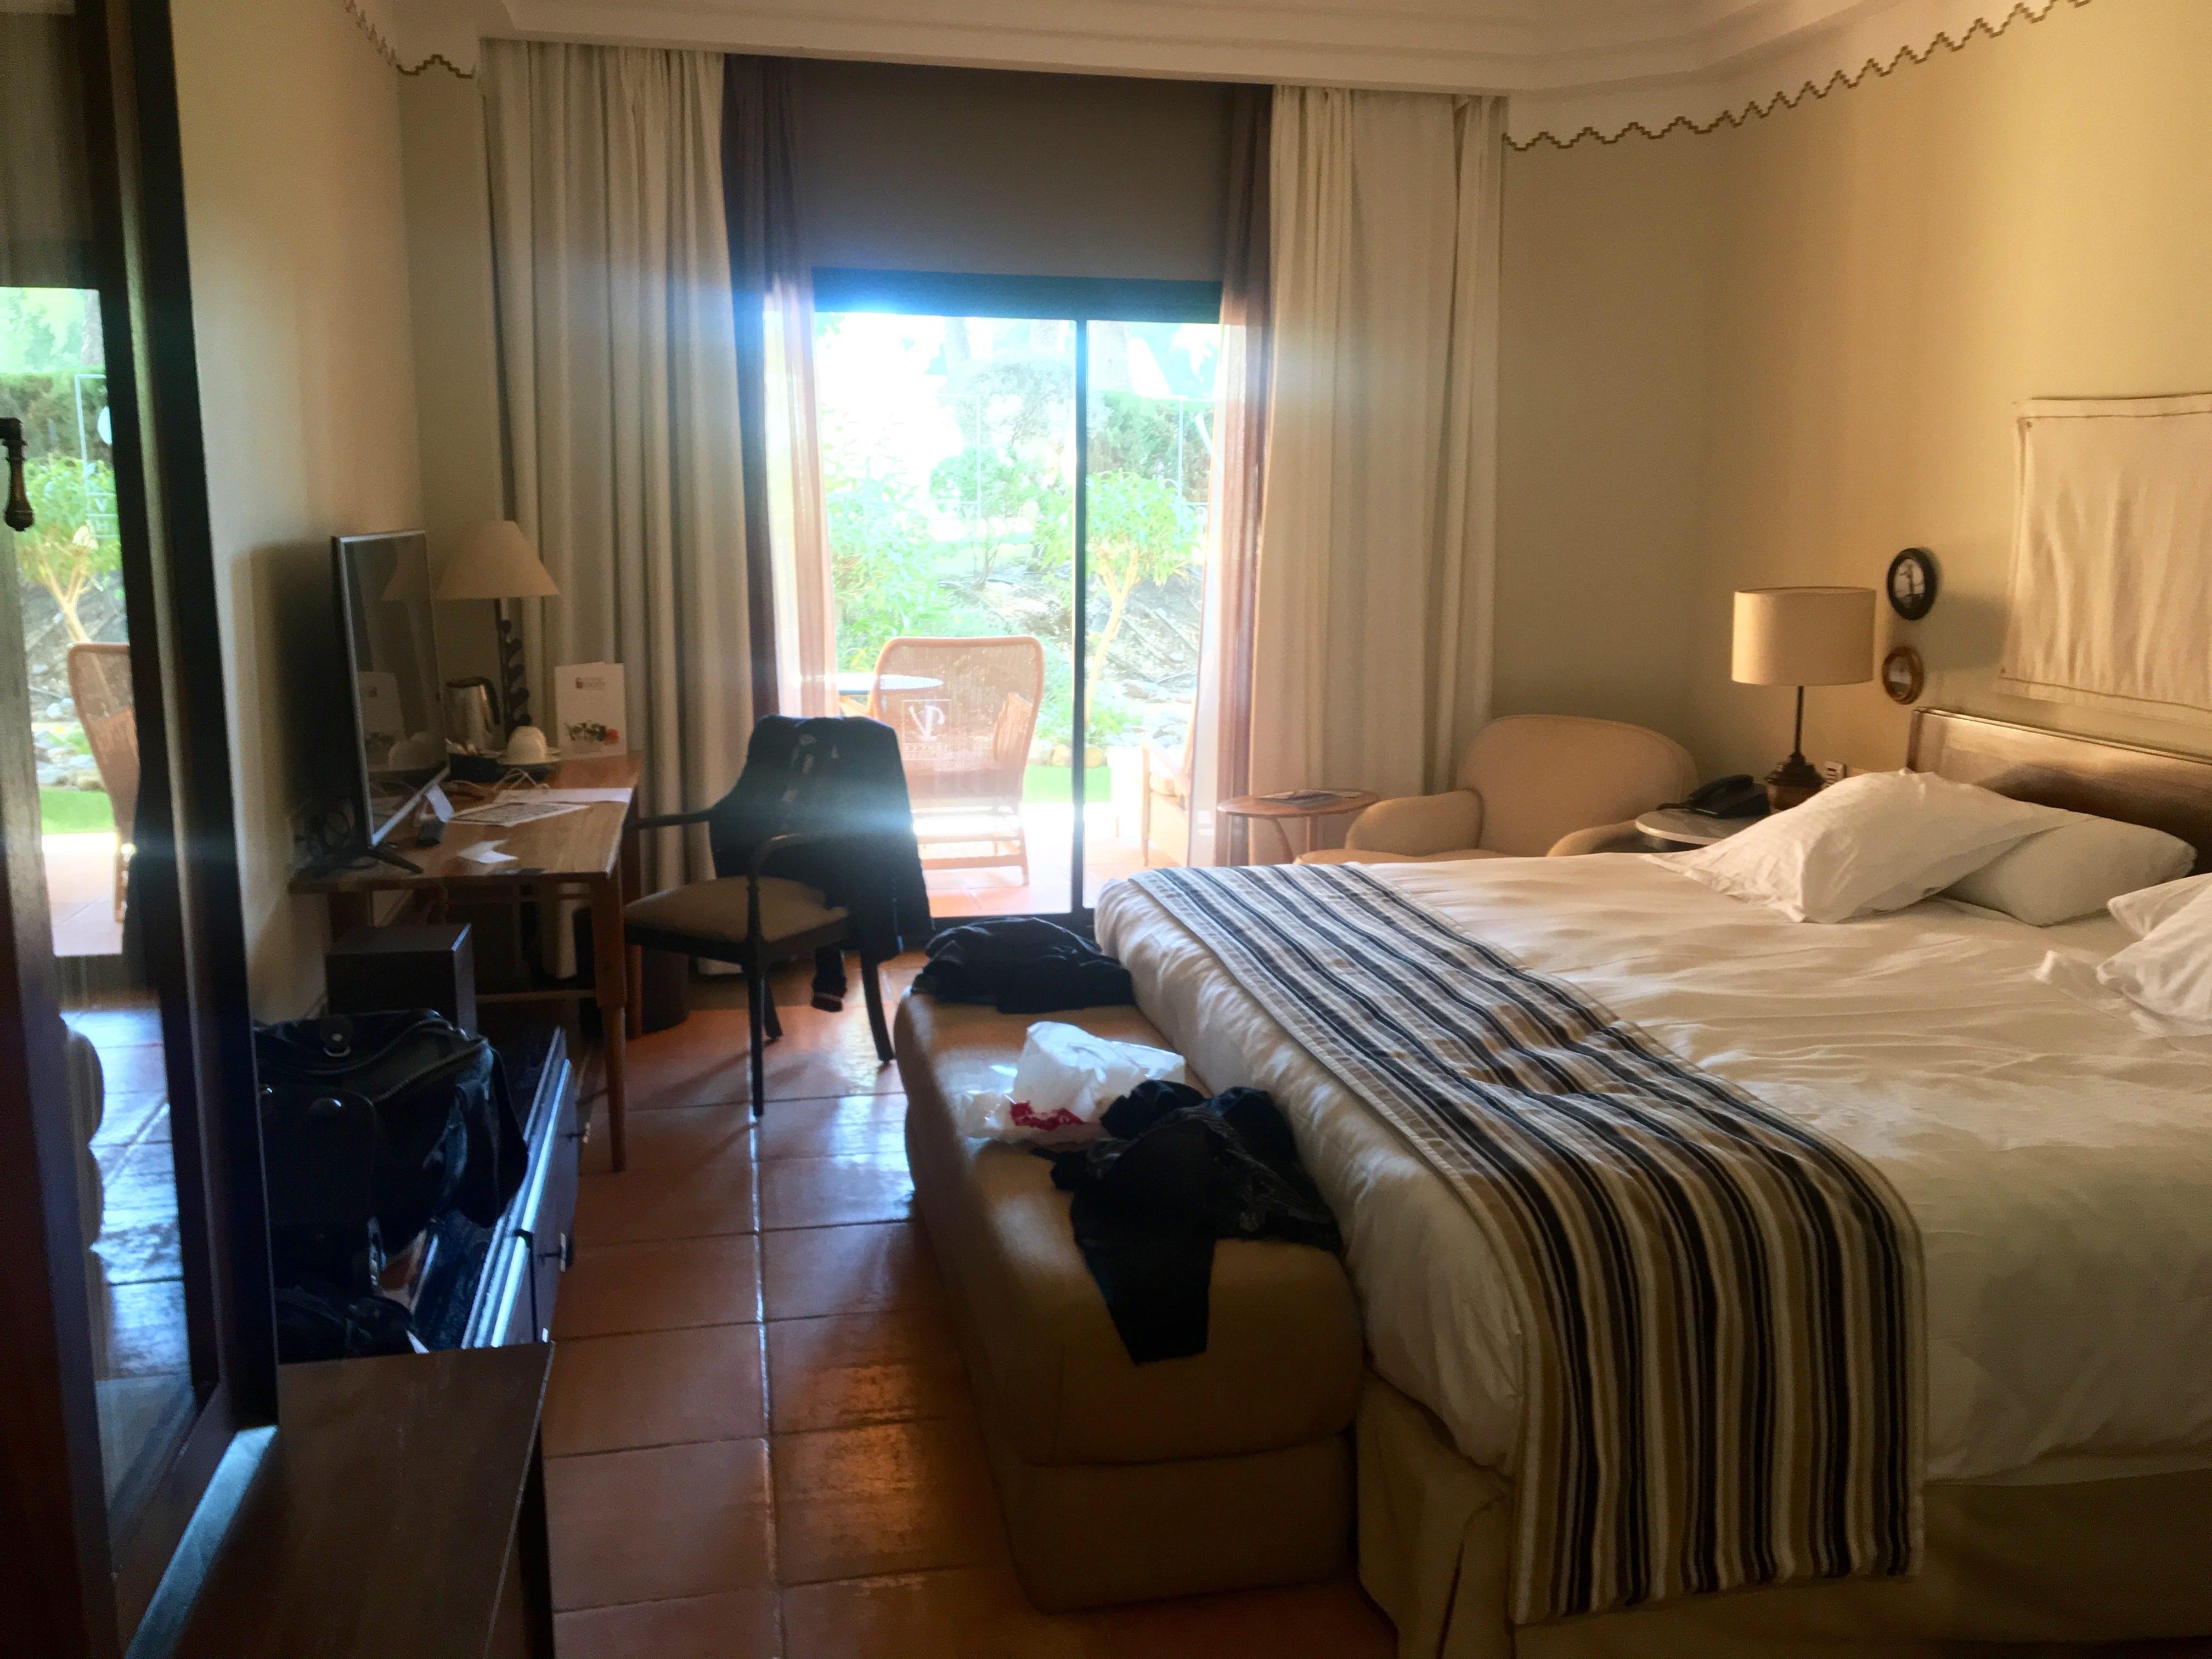 Vincci hotel bedroom - Estrella del mar hotel ...